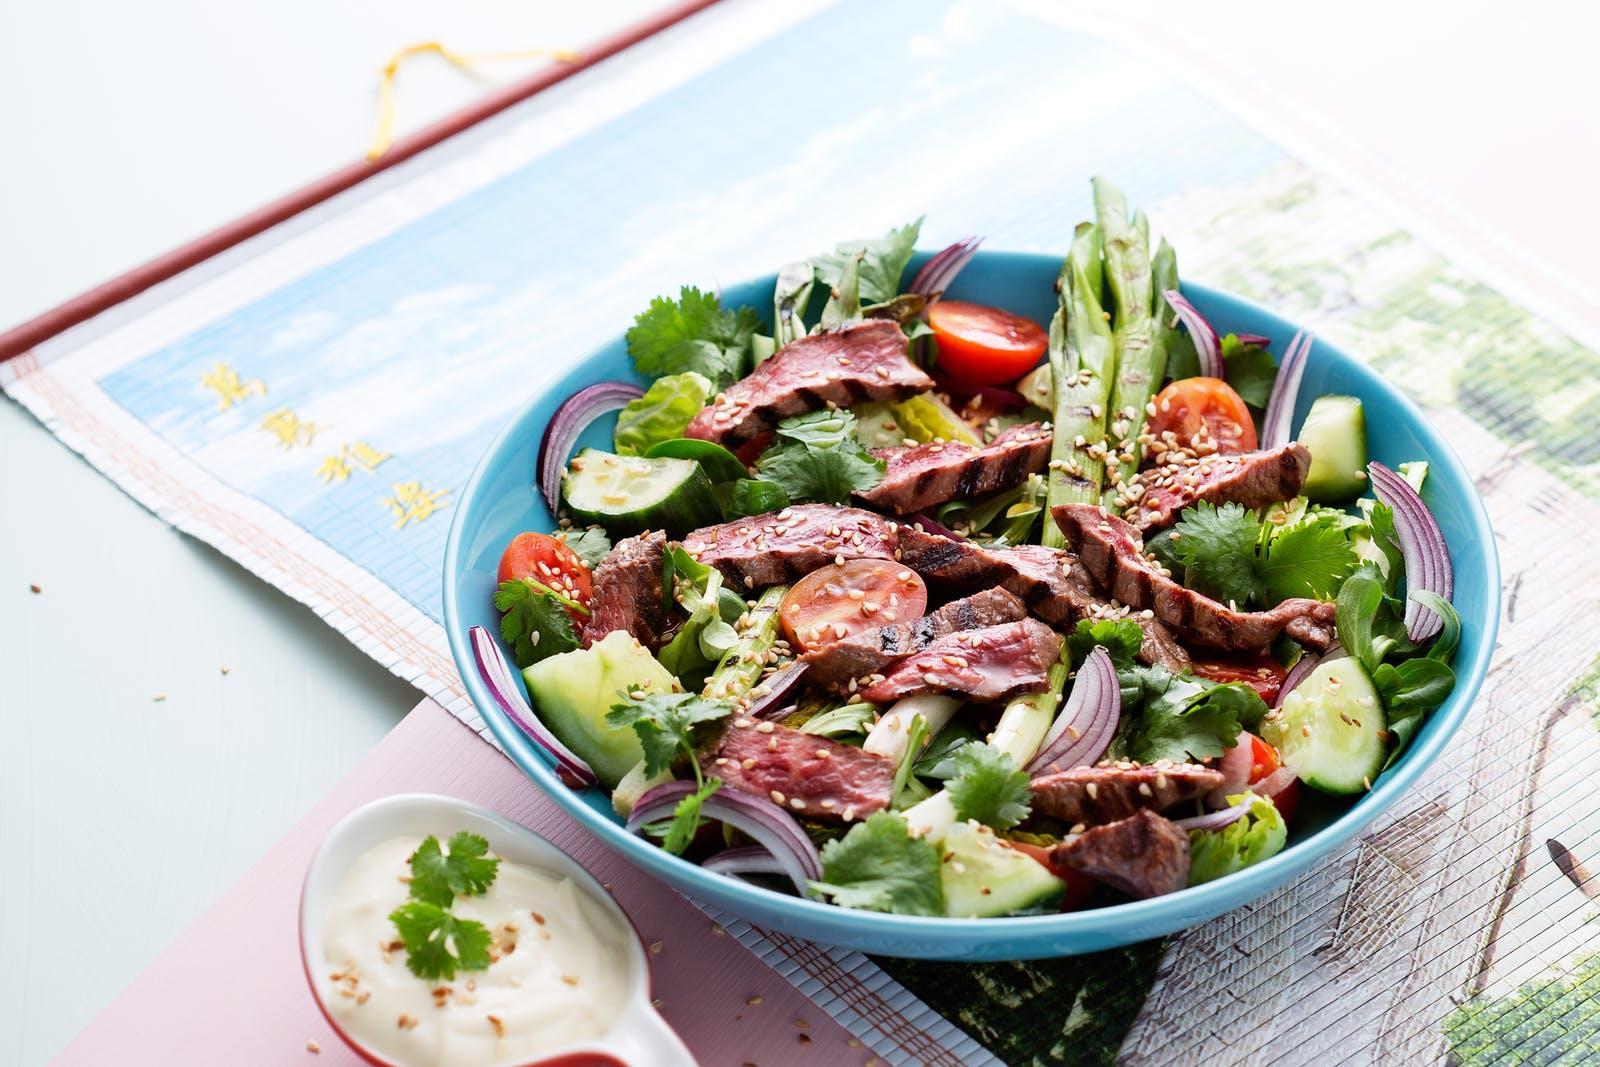 Cách làm món salad bò kiểu Thái